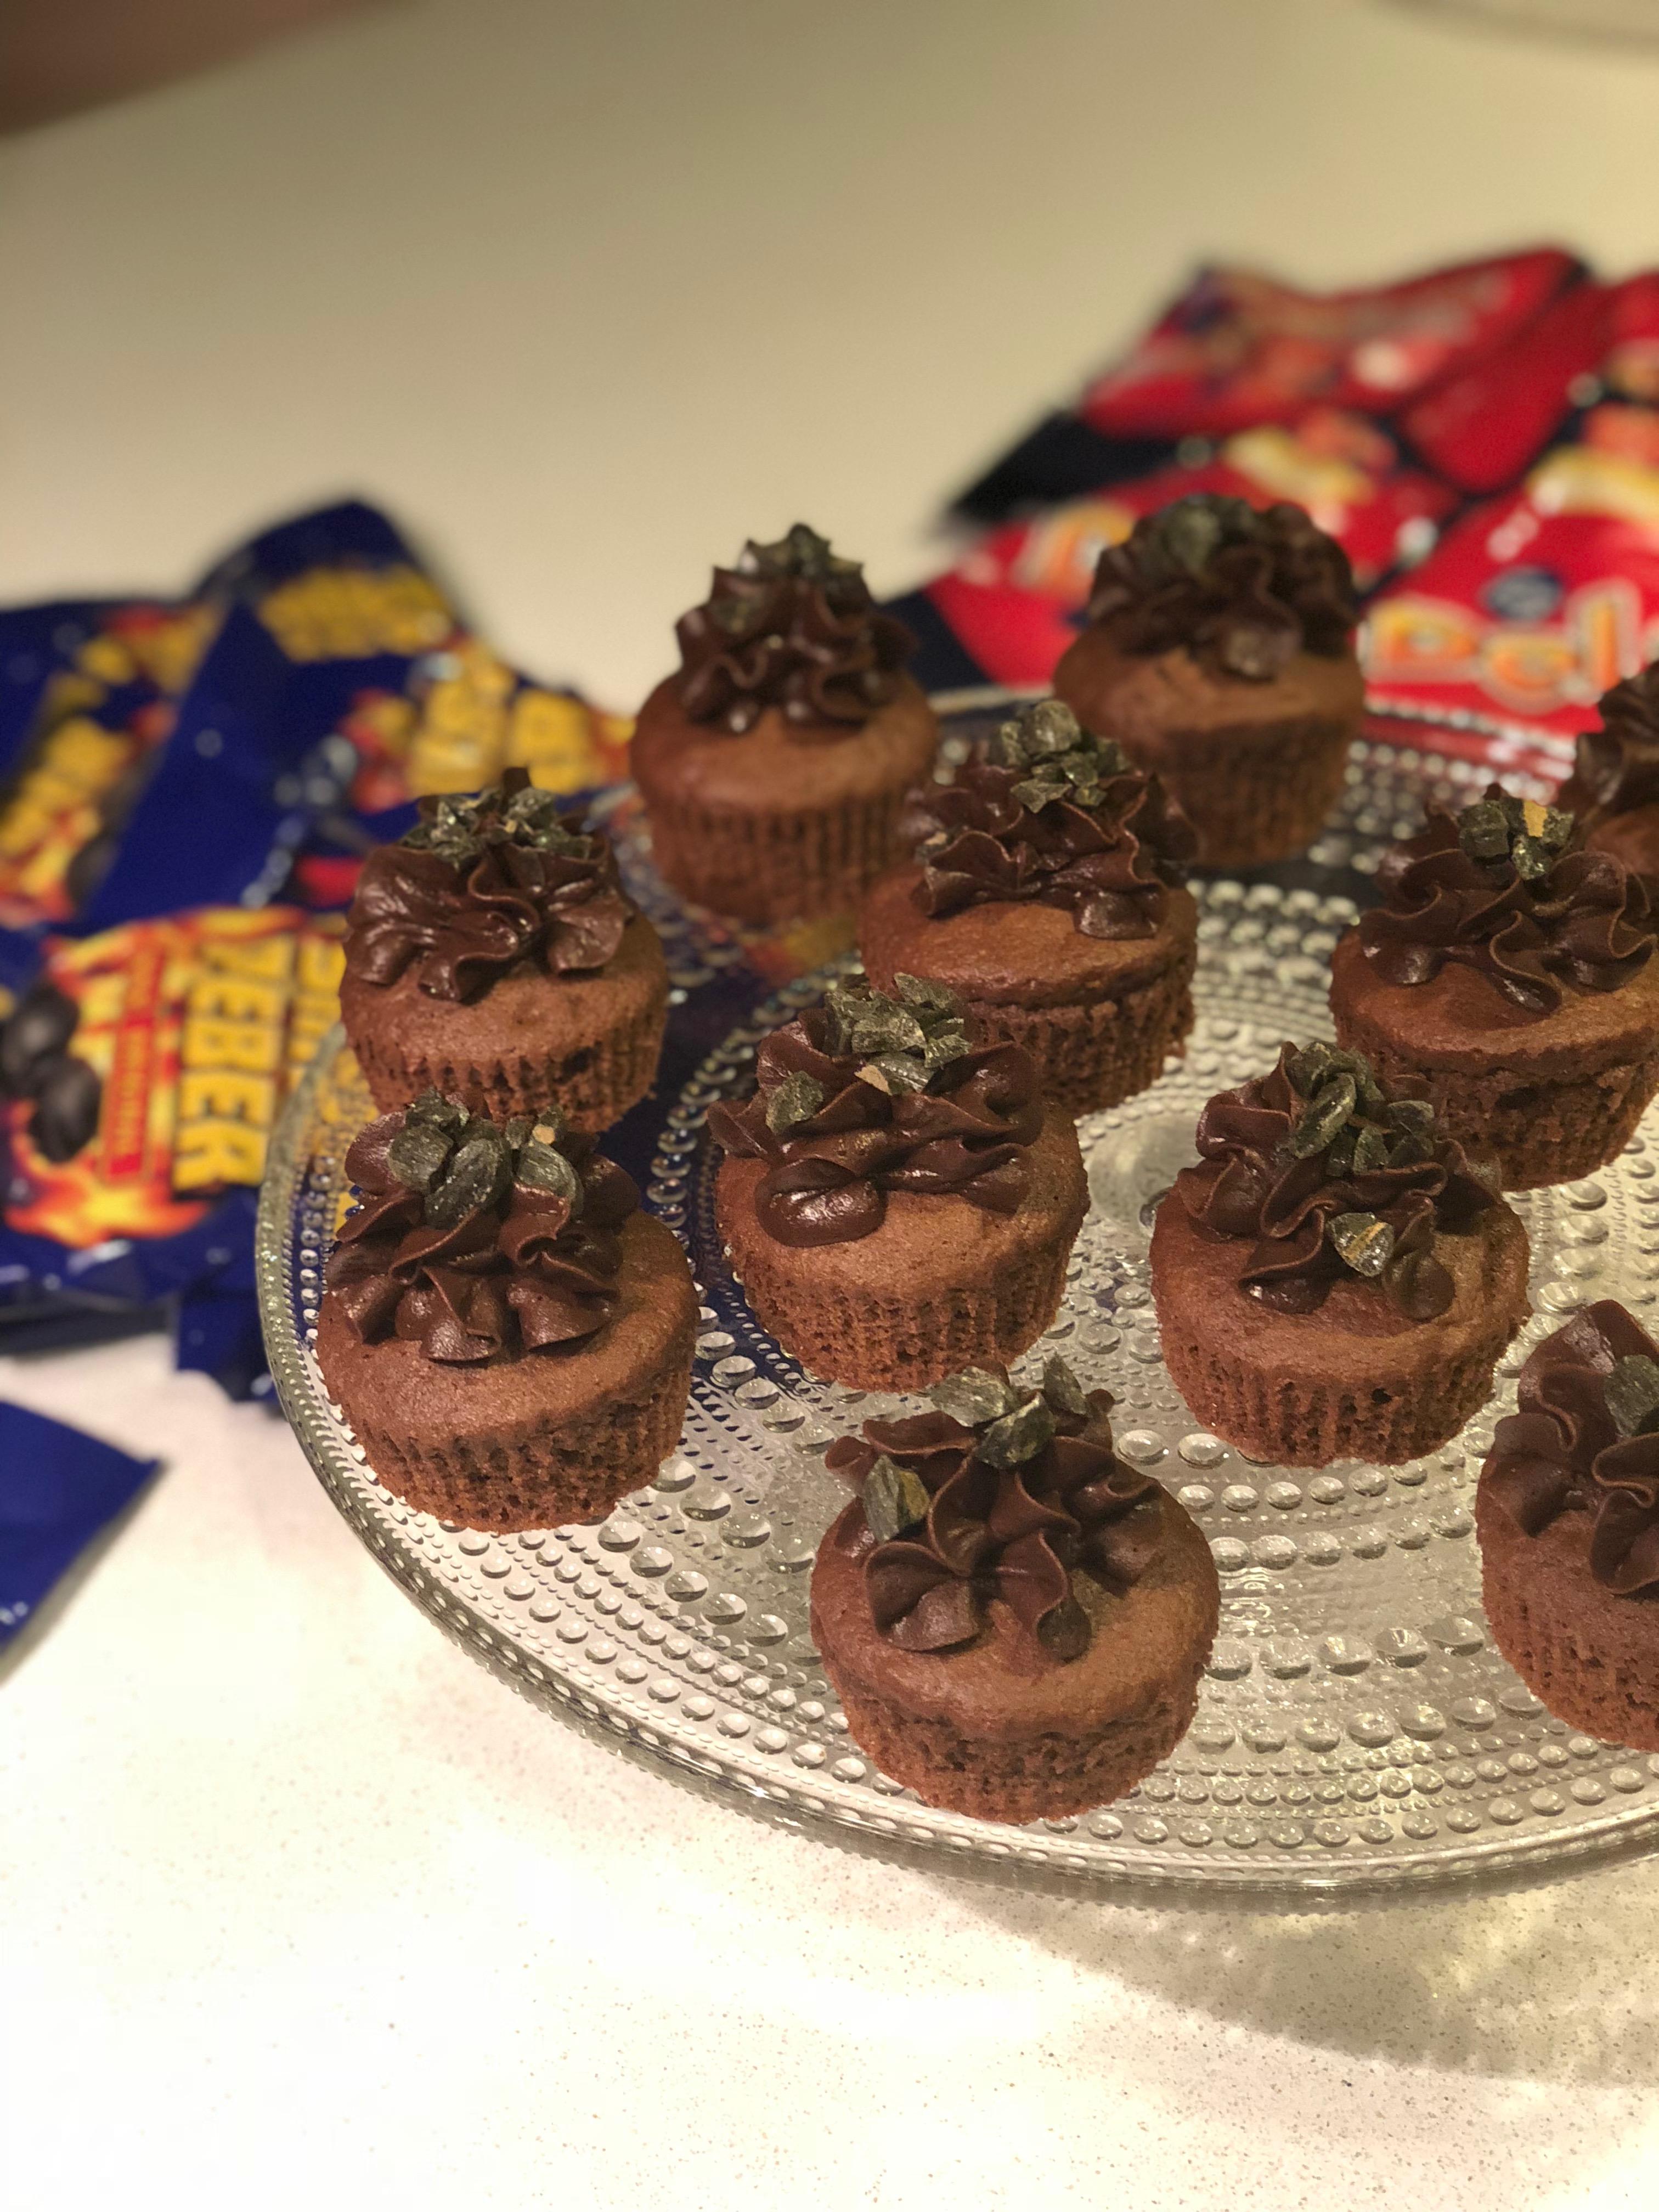 Dumlefylltar cupcakes með Tyrkisk Peber súkkulaðikremi